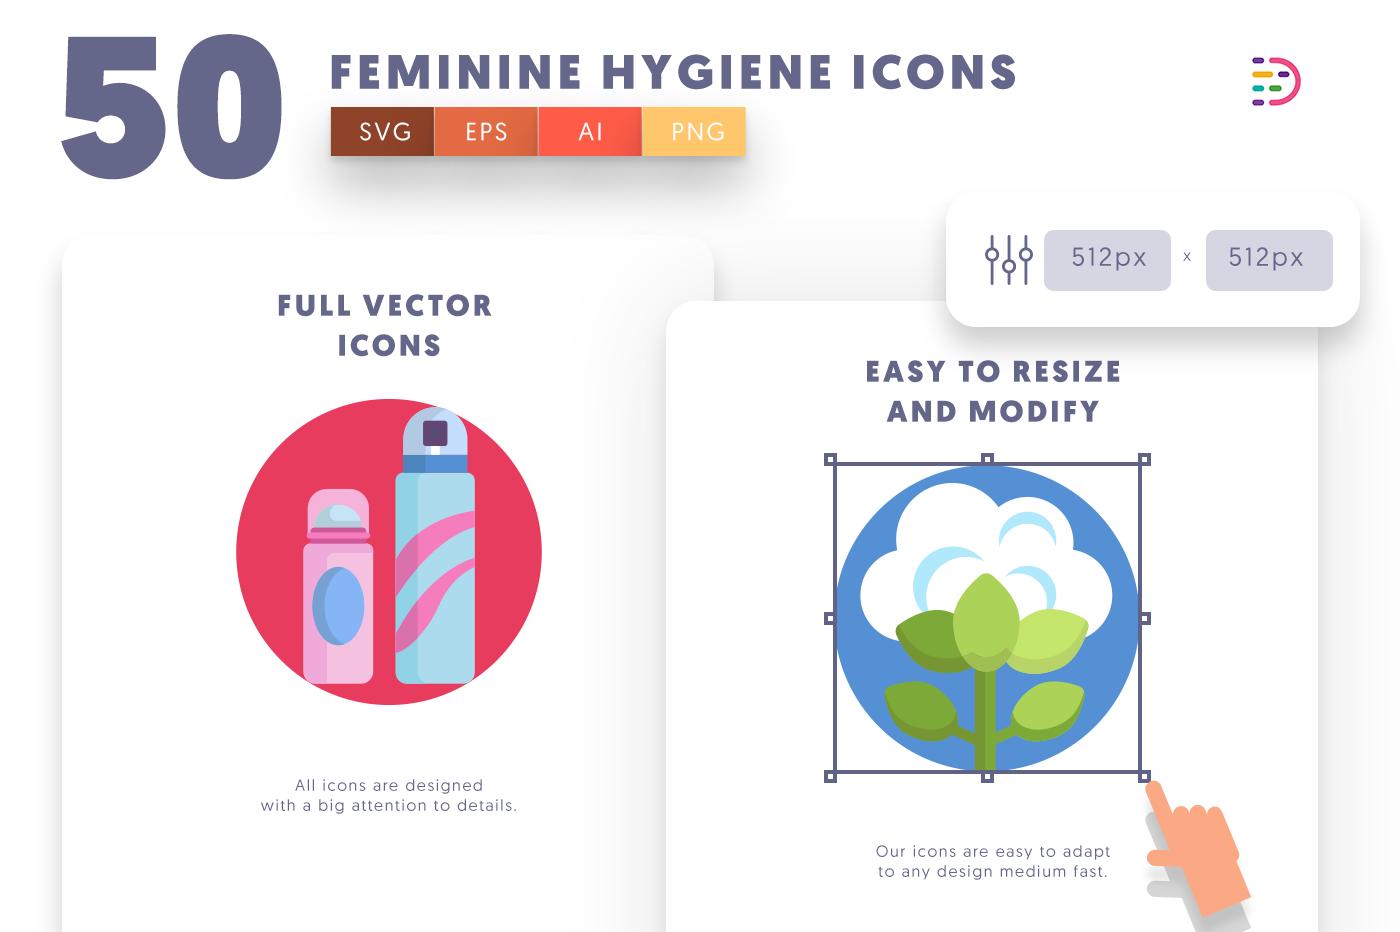 Full vector 50FeminineHygiene Icons